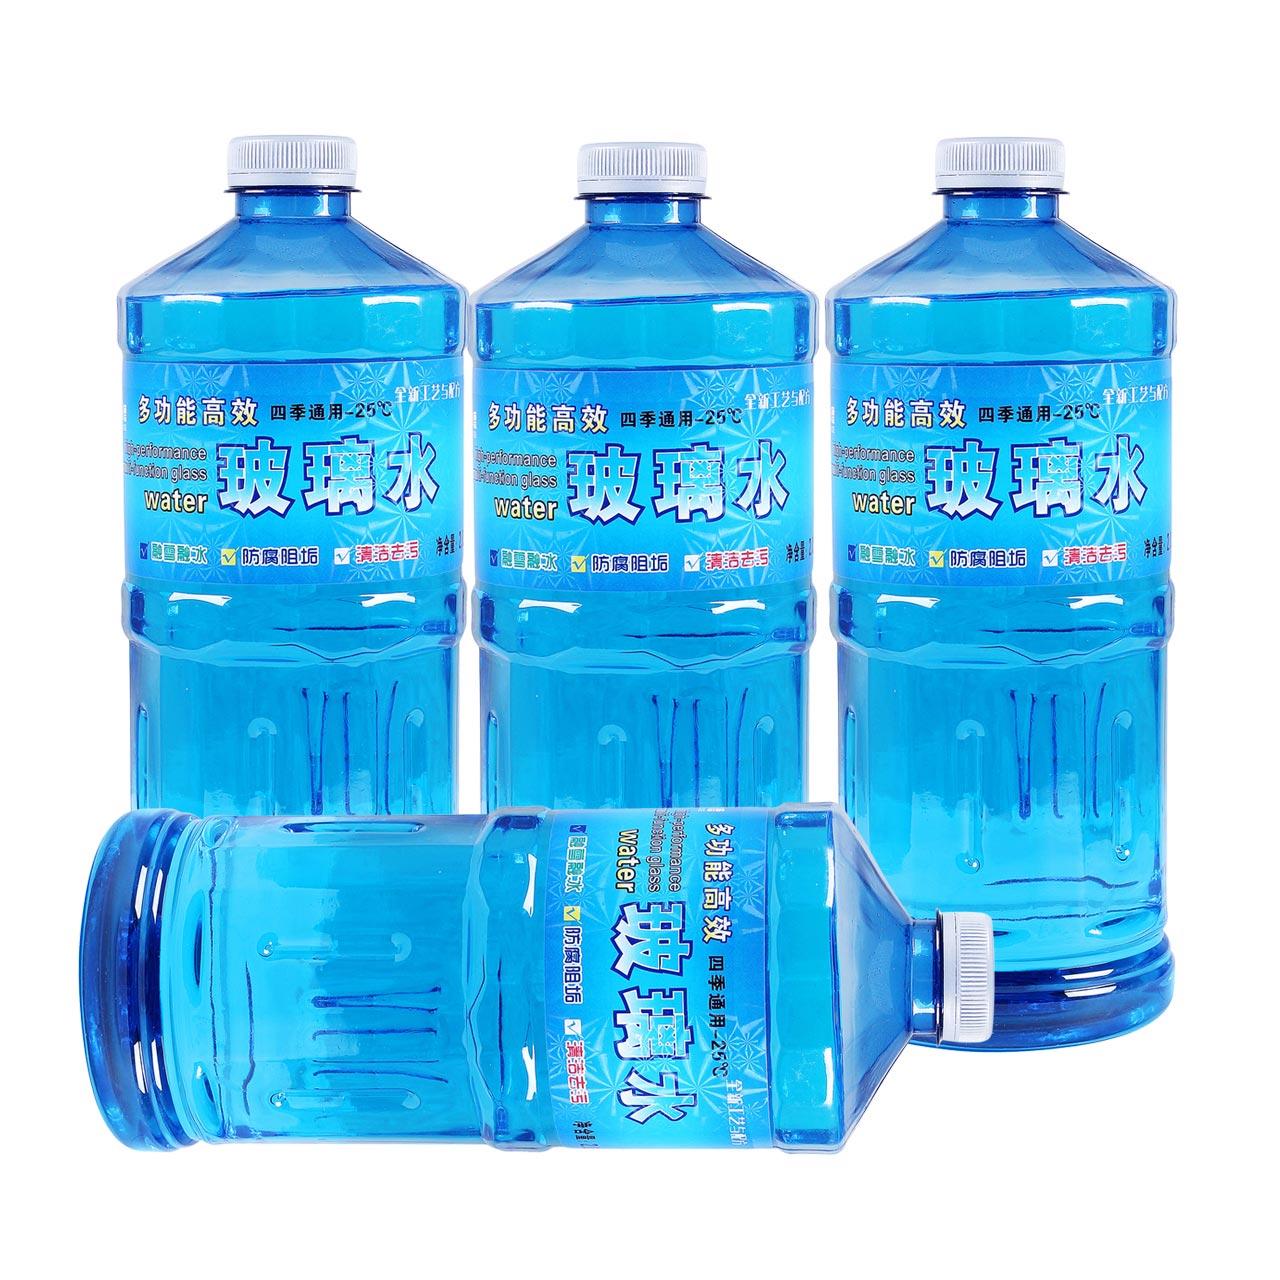 中德4桶汽车玻璃水汽车用雨刮水玻璃液非浓缩雨刷精夏季四季通用